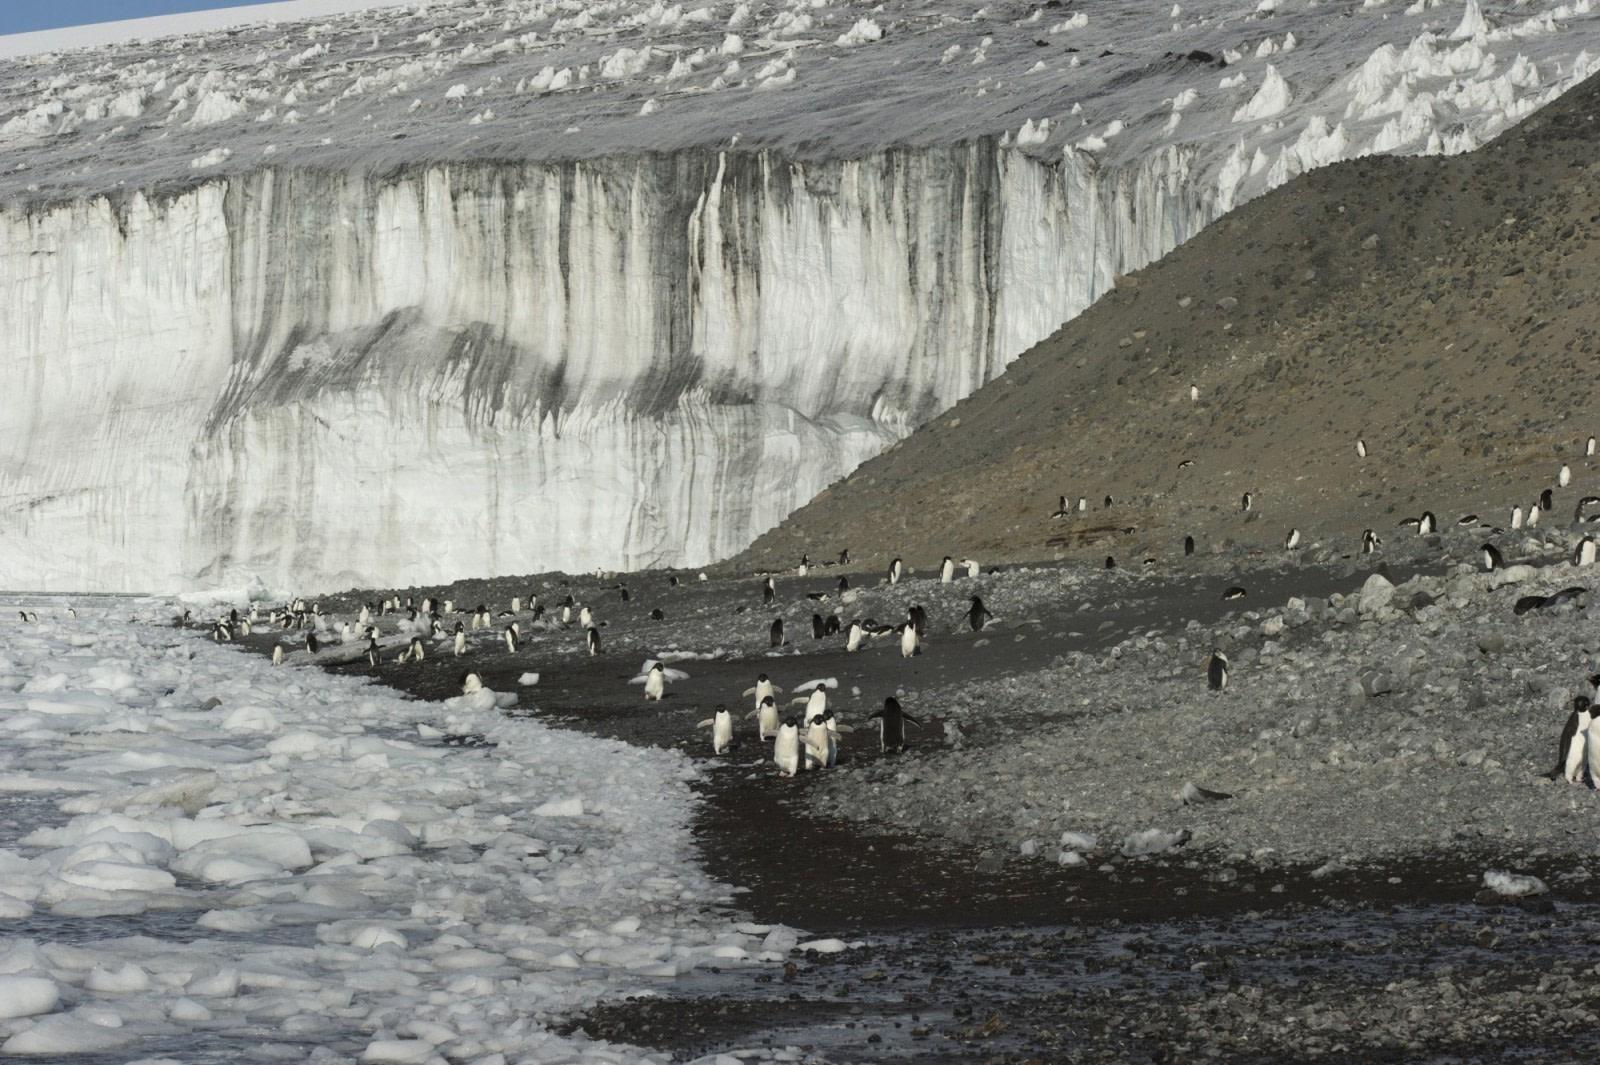 Cape Adare